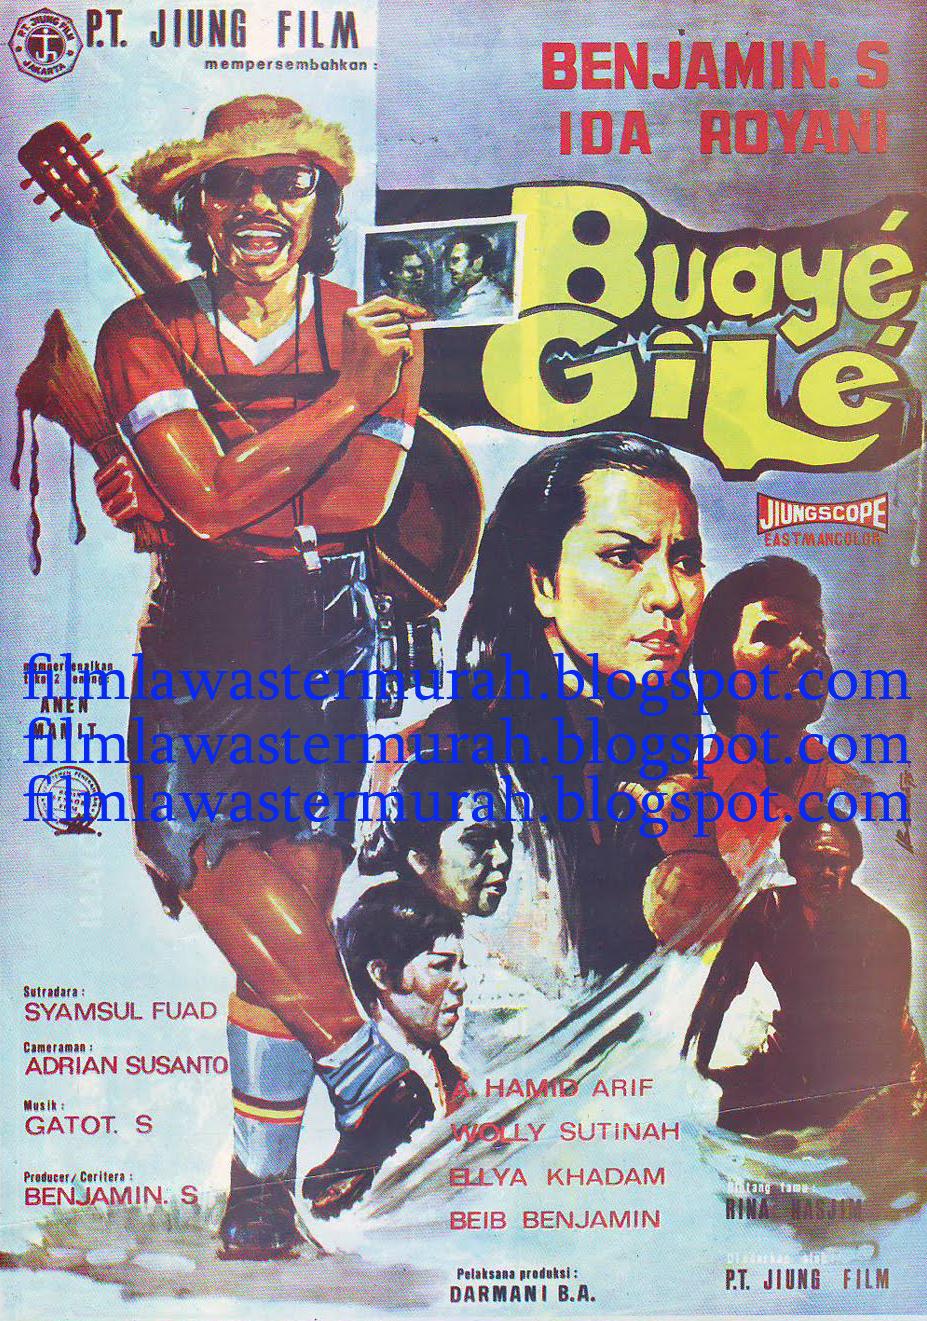 Benyamin S - Buaye Gile (1975) - Film lawas termurah